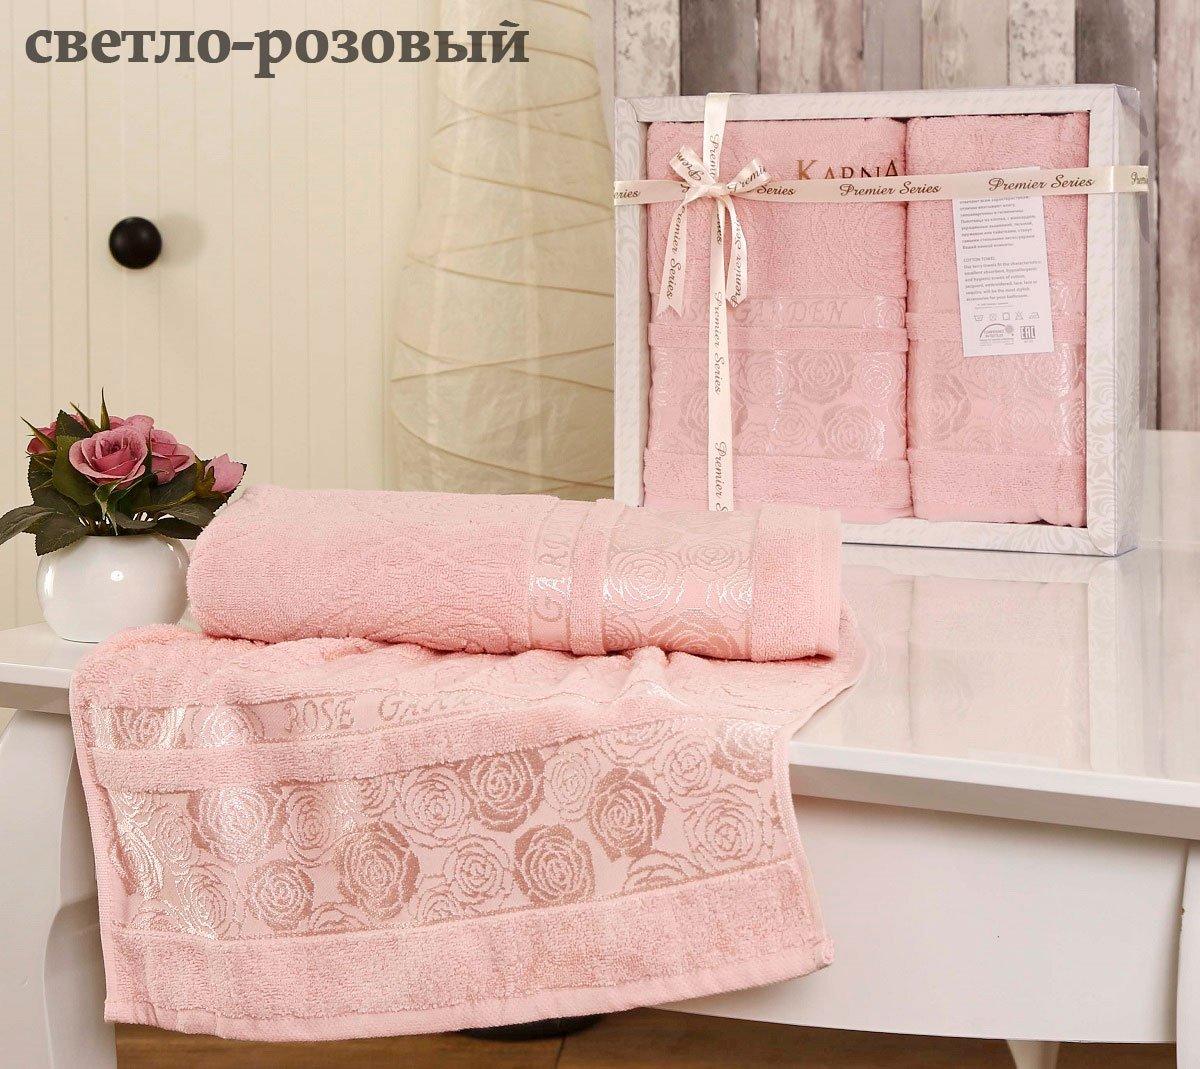 Комплект махровых полотенец (50x90+70x140) Rose garden Karna